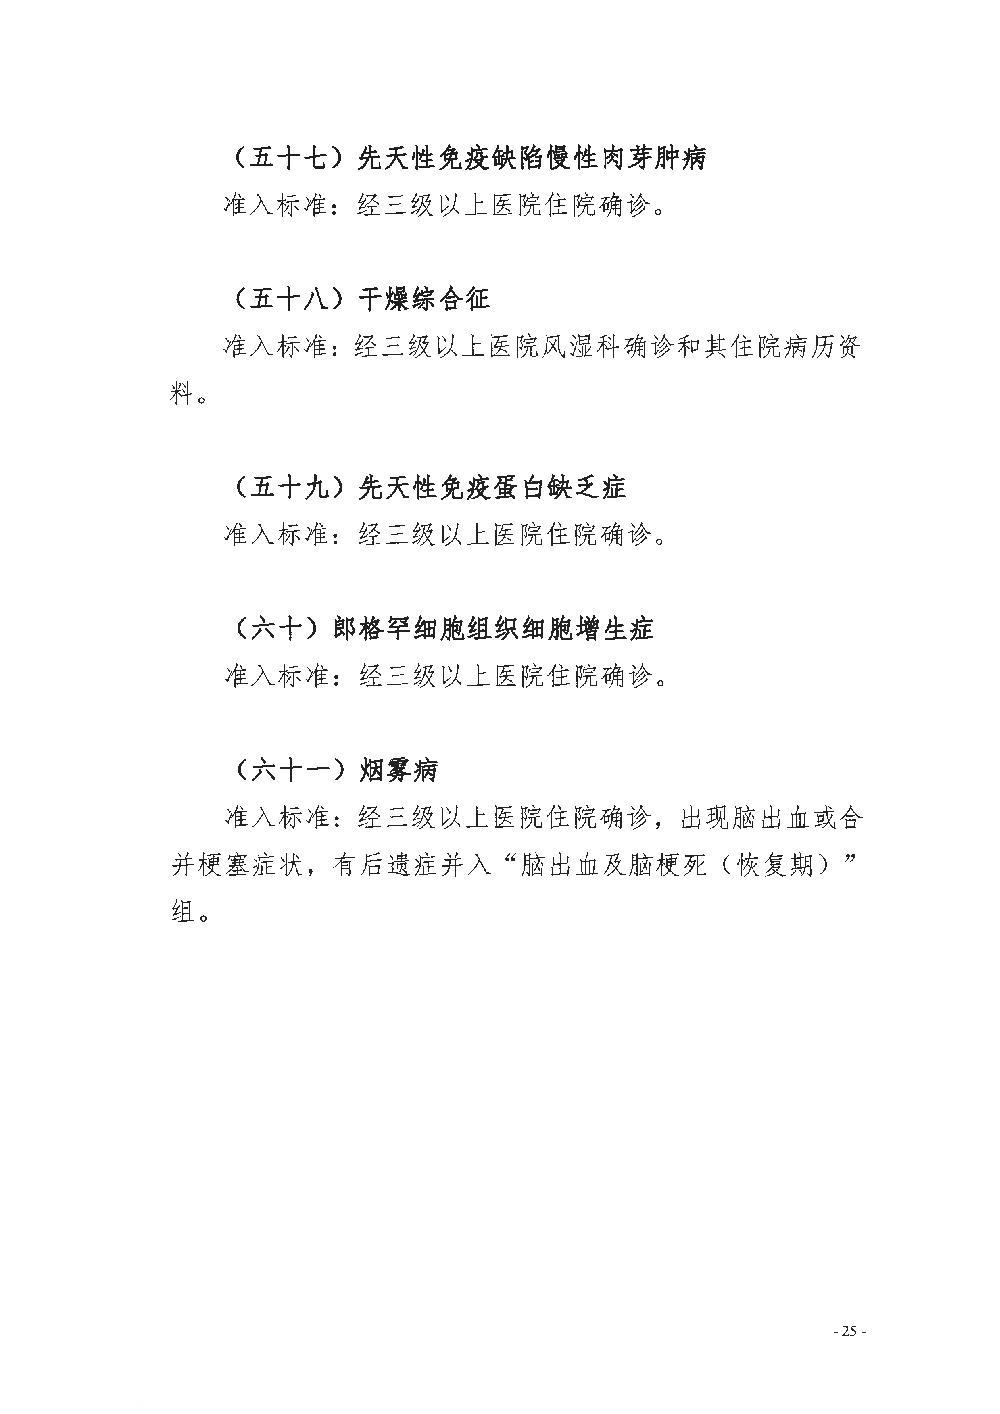 阜阳市城乡居民慢性病管理办法(1)_25.JPG